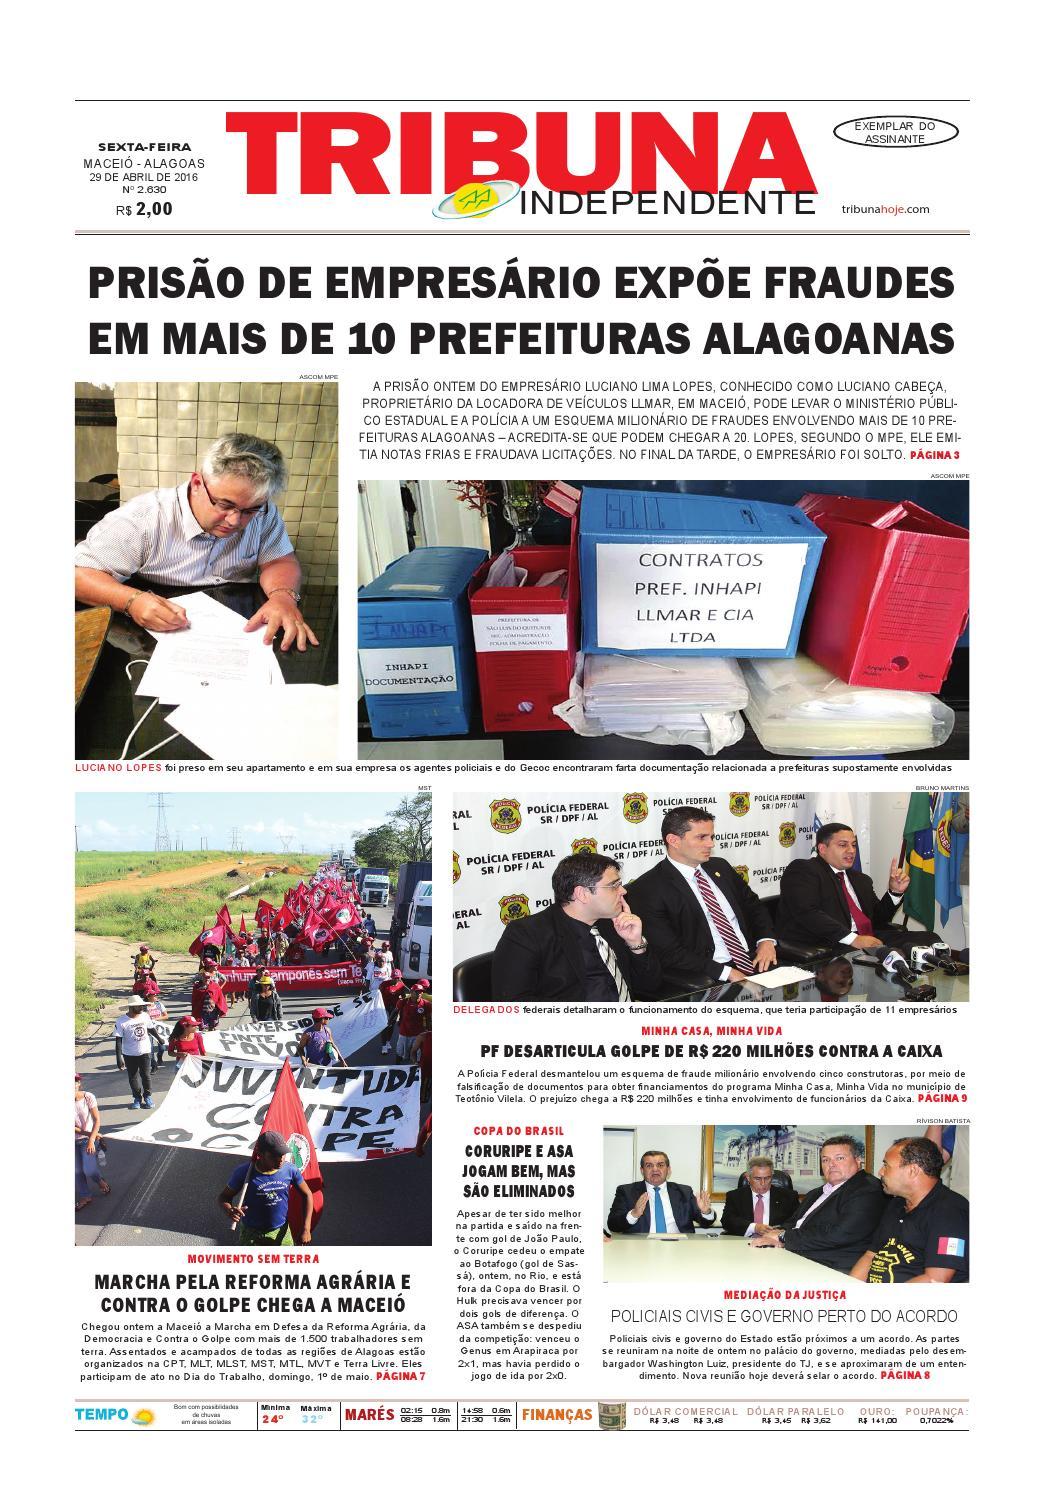 e71b57bf99b Edição número 2630 - 29 de abril de 2016 by Tribuna Hoje - issuu